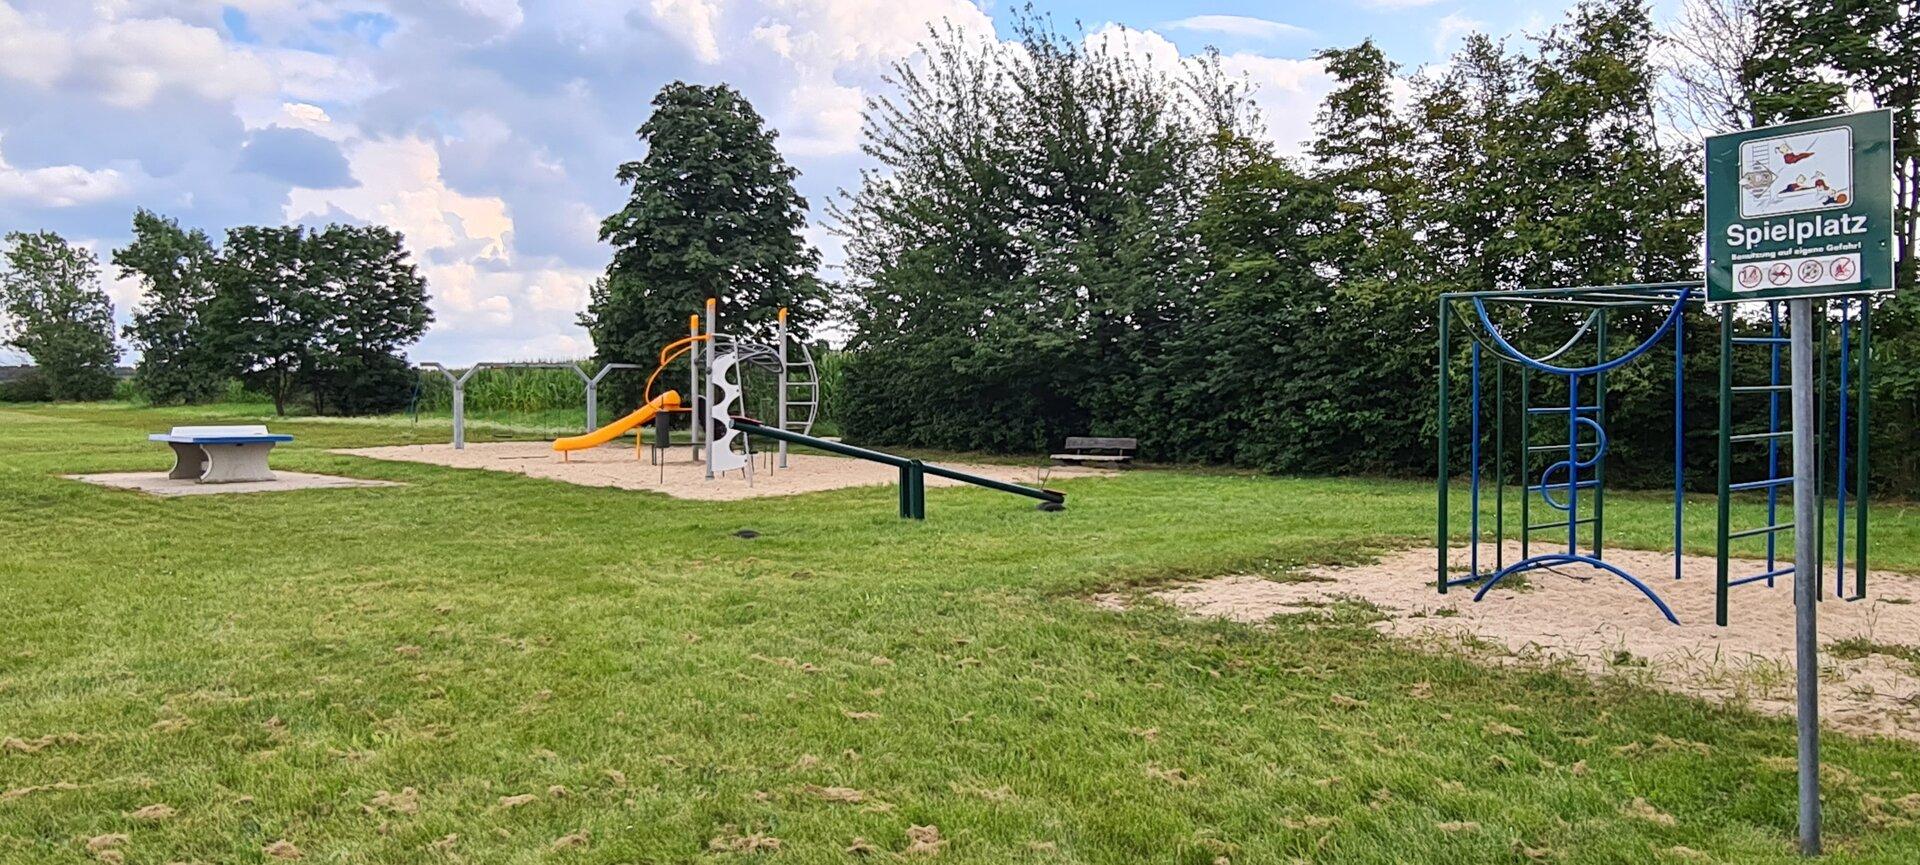 Spielplatz Paußnitz